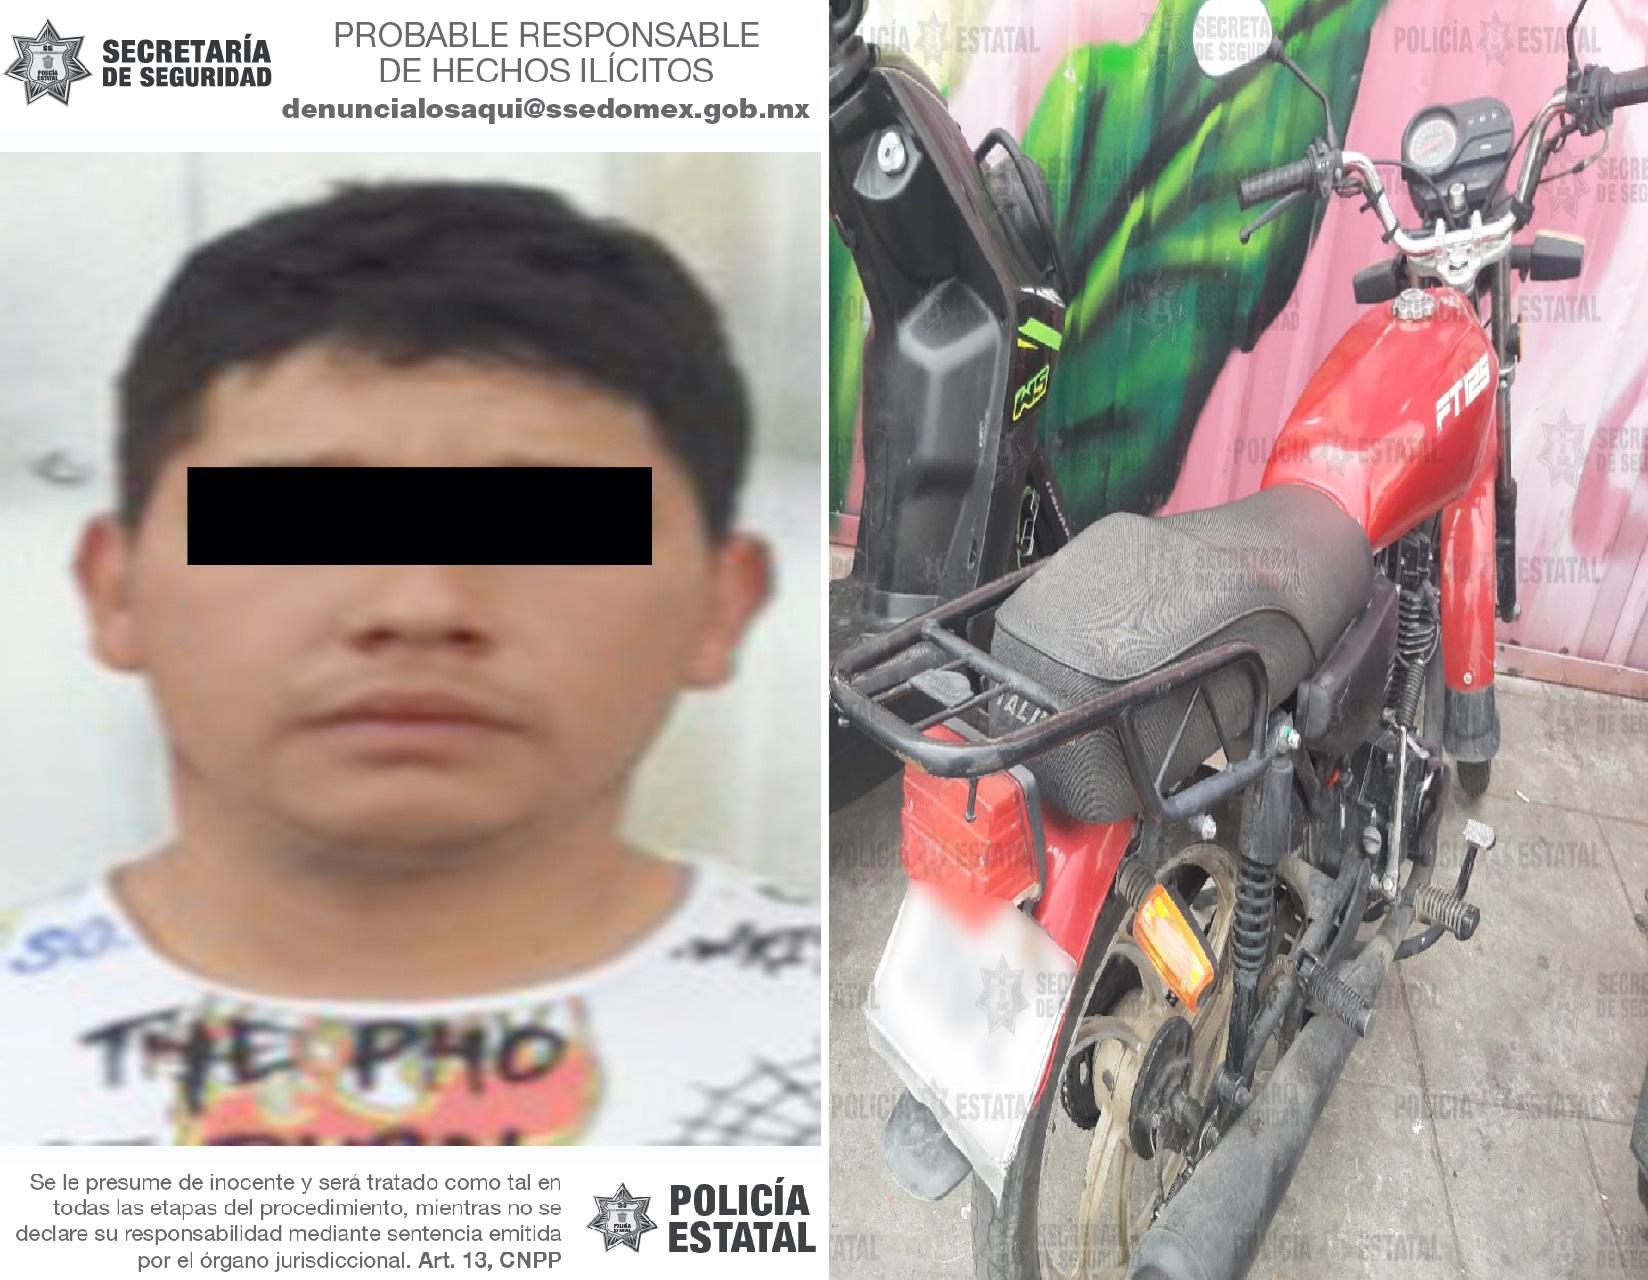 RECUPERAN UNA MOTOCICLETA CON REPORTE DE ROBO EN NAUCALPAN